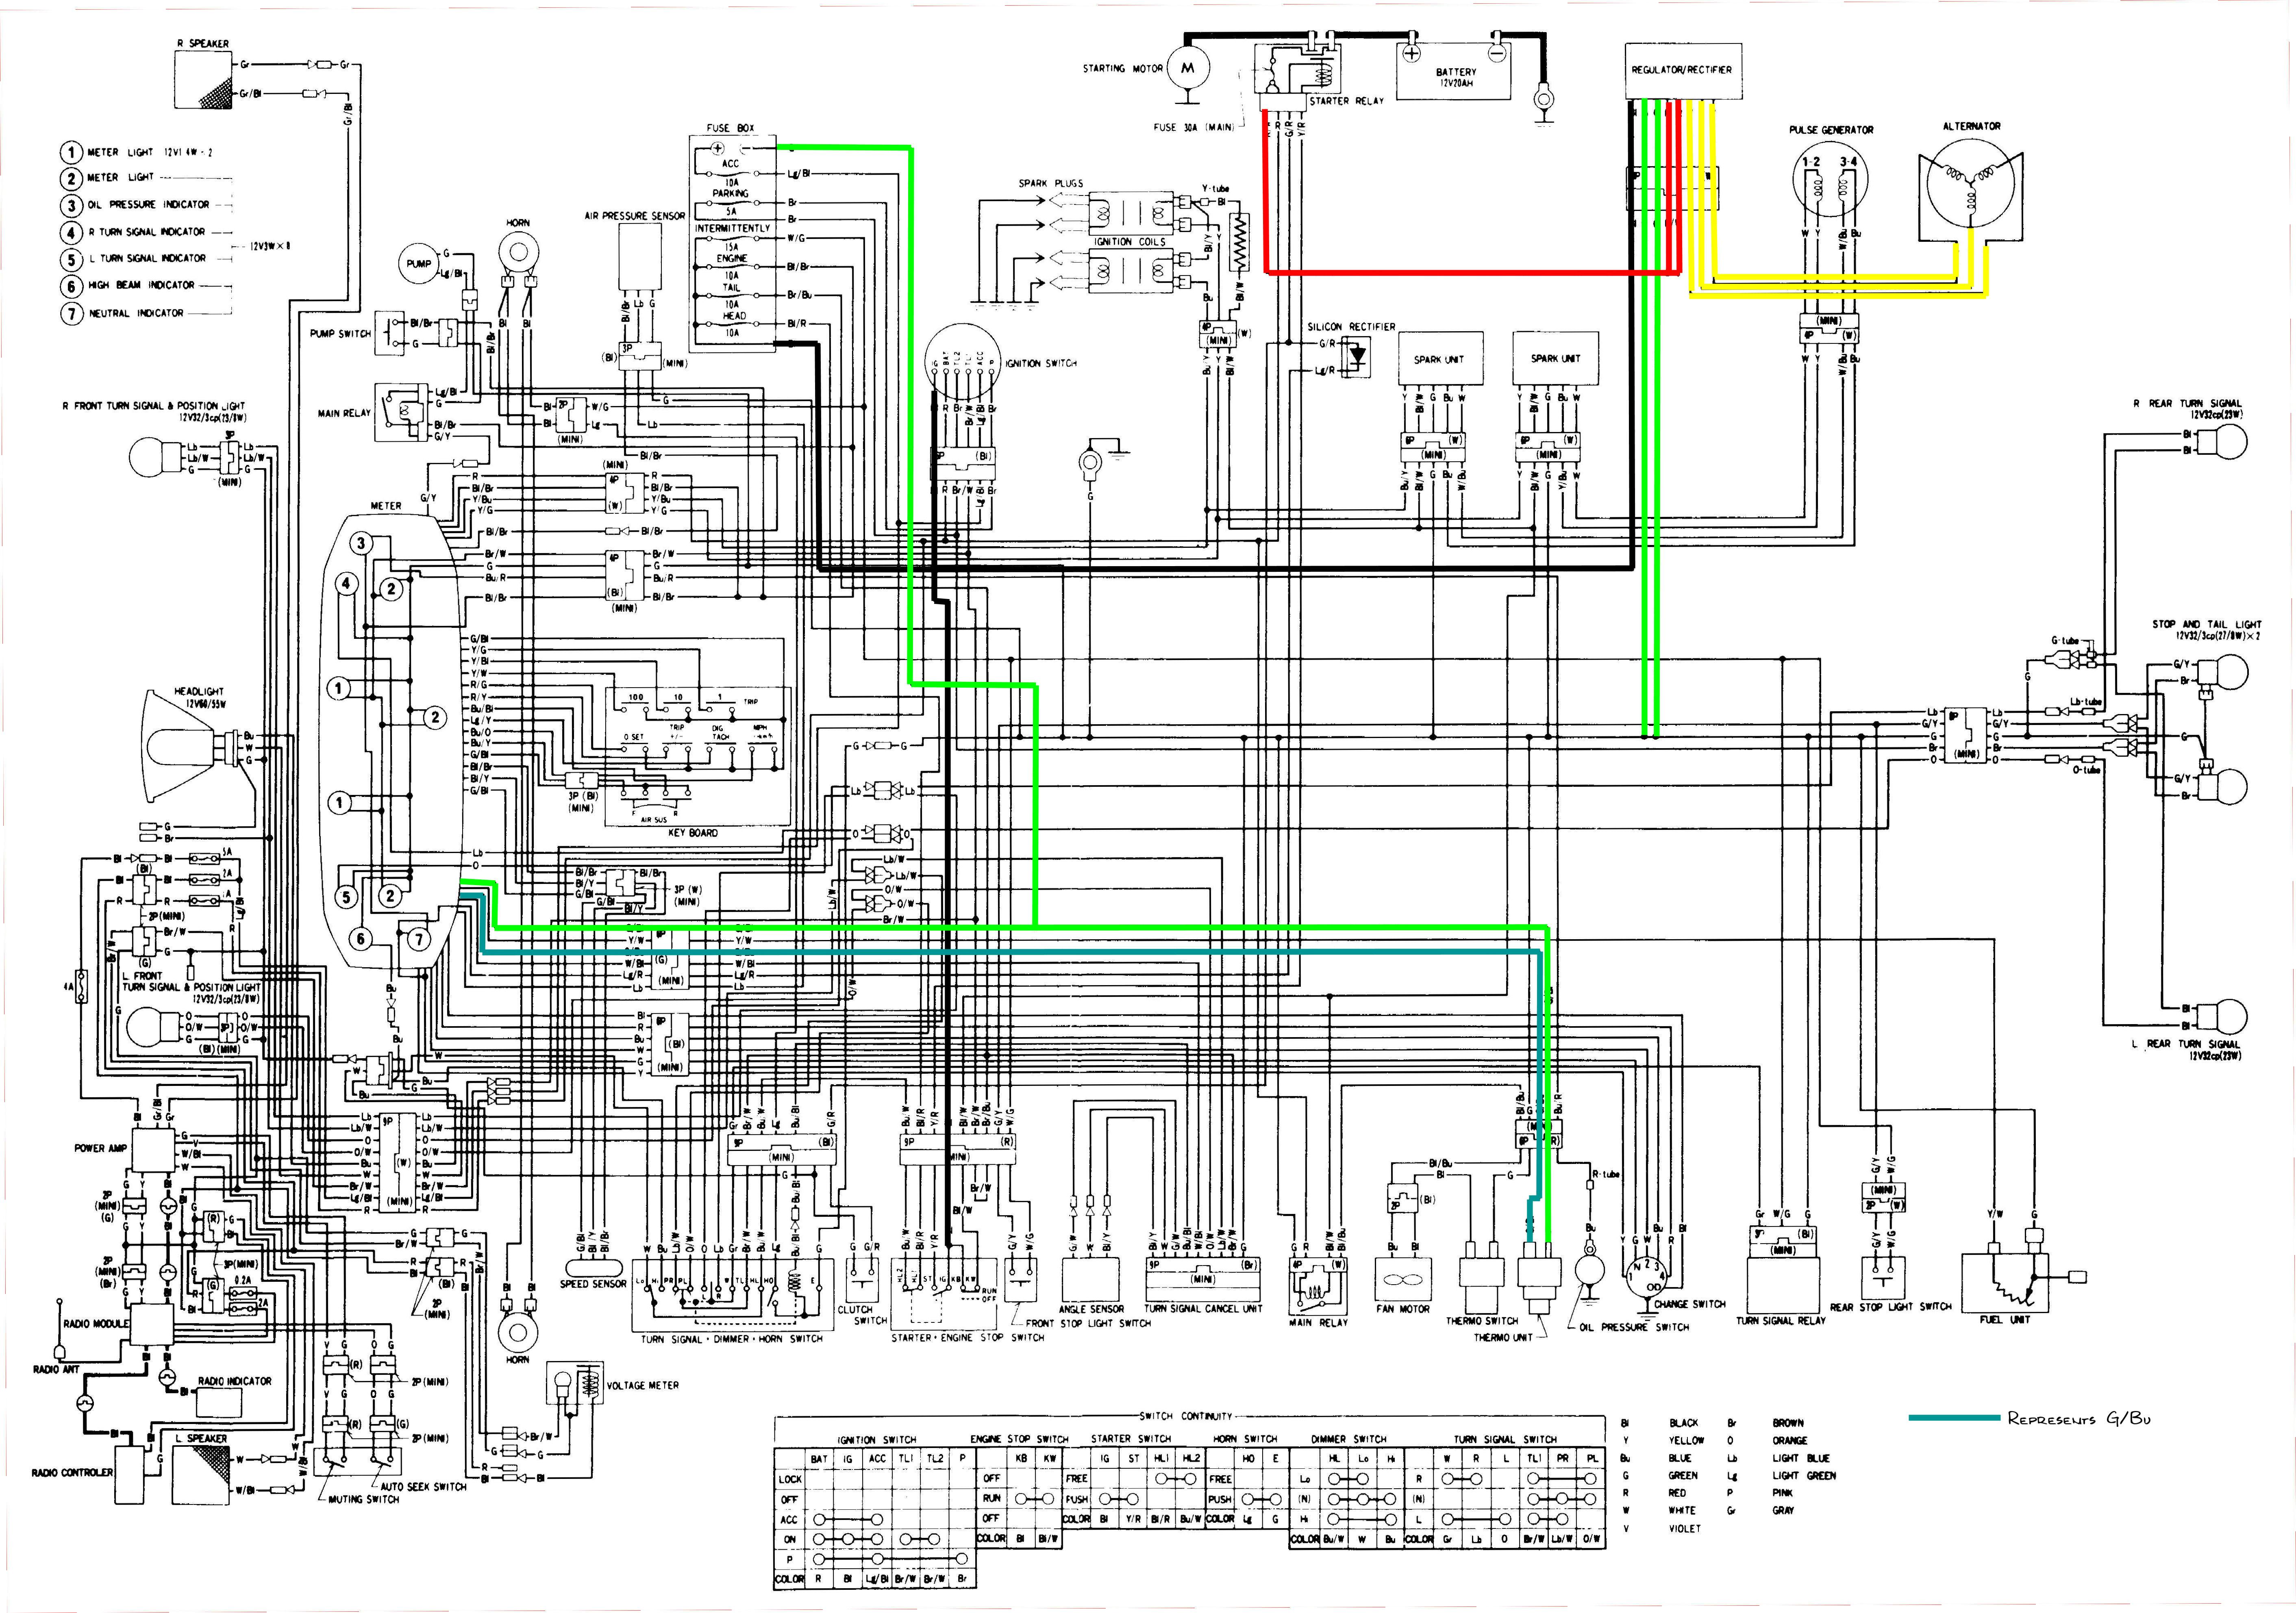 2005 Honda Goldwing Wiring Diagram